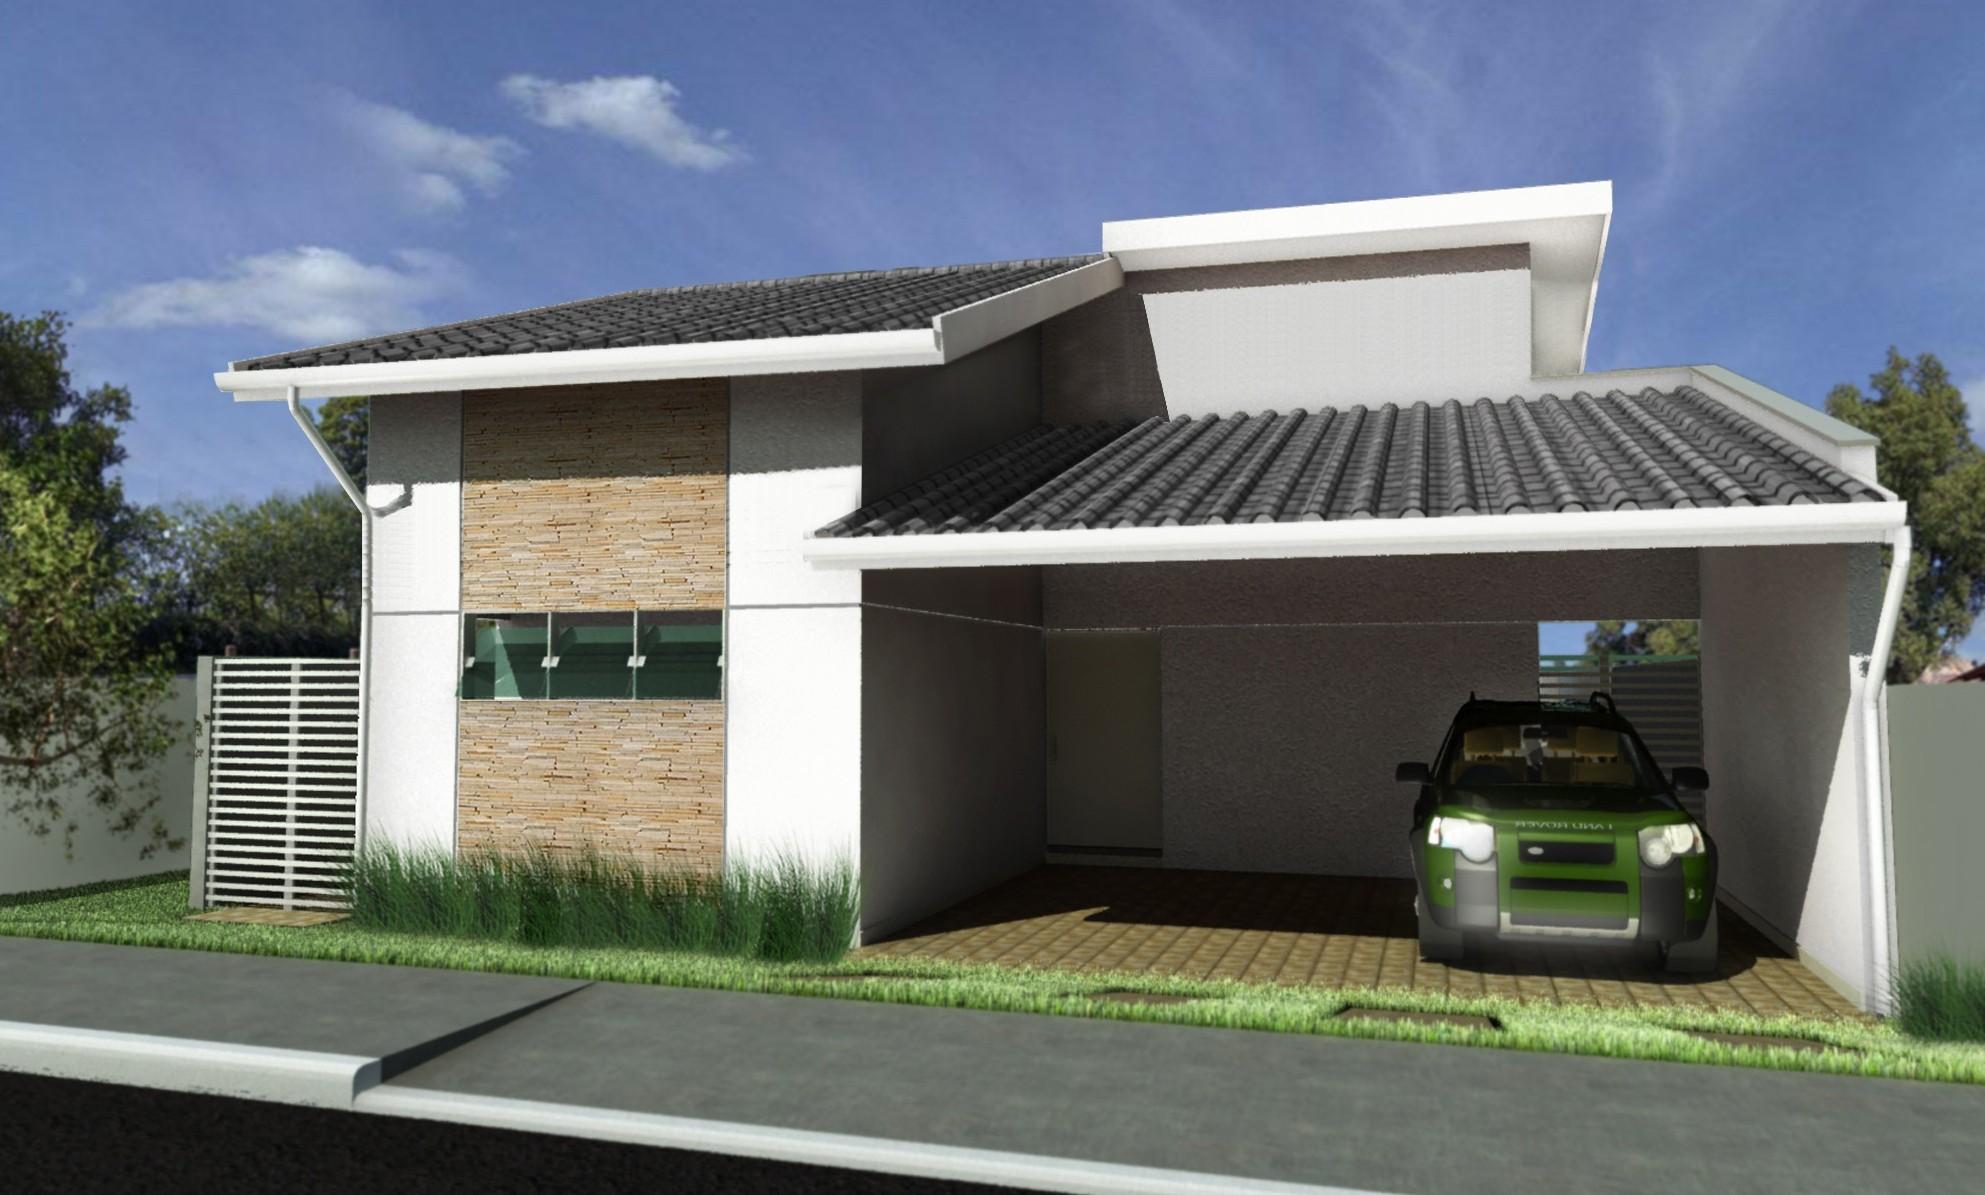 Fotos de fachadas de casas modernas e bonitas decorando for Fachadas de casas modernas